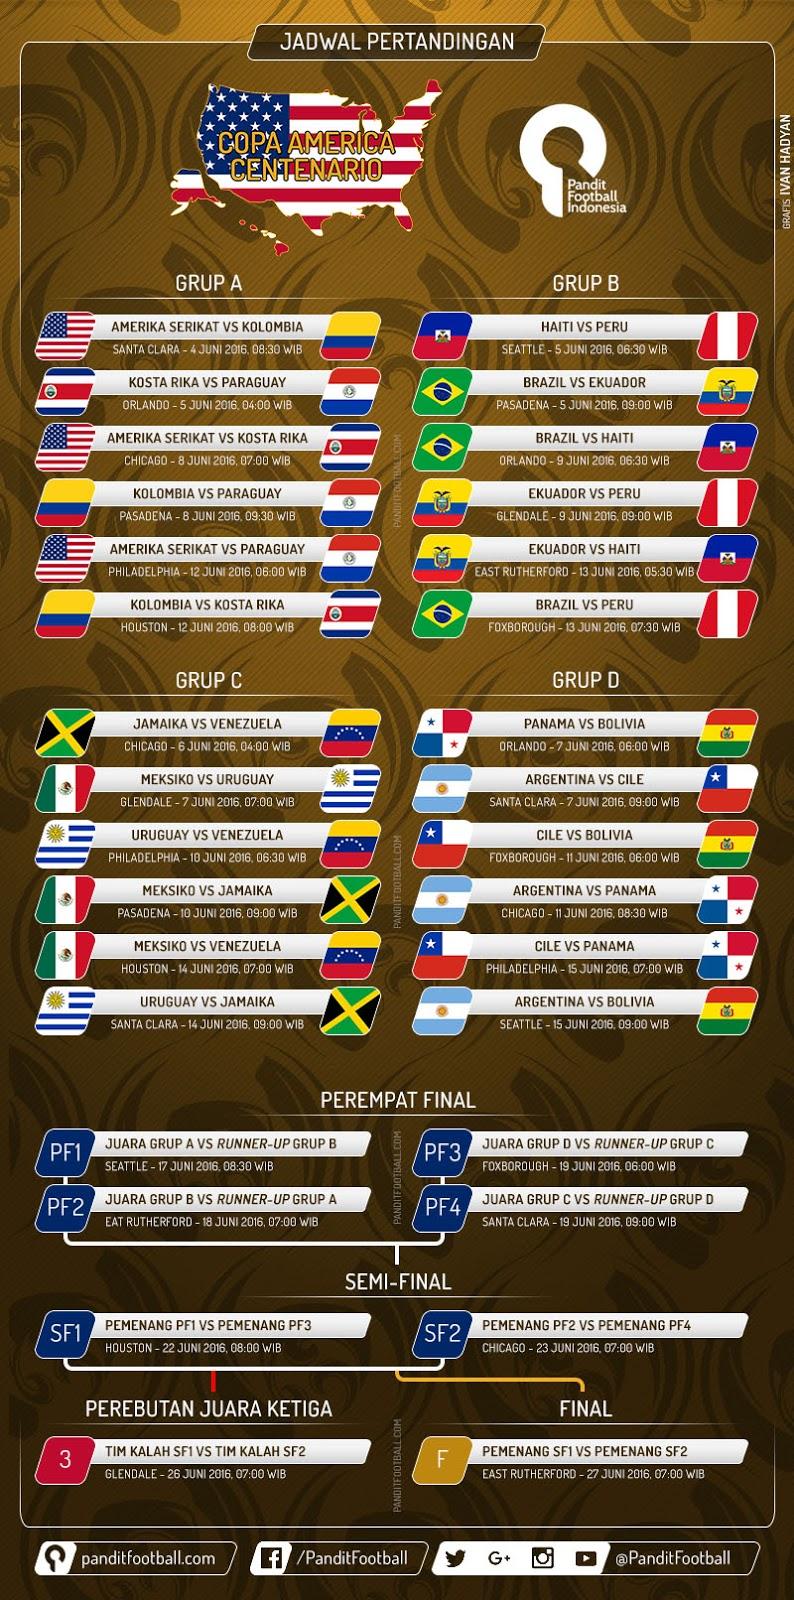 Jadwal Copa America Centenario 2016